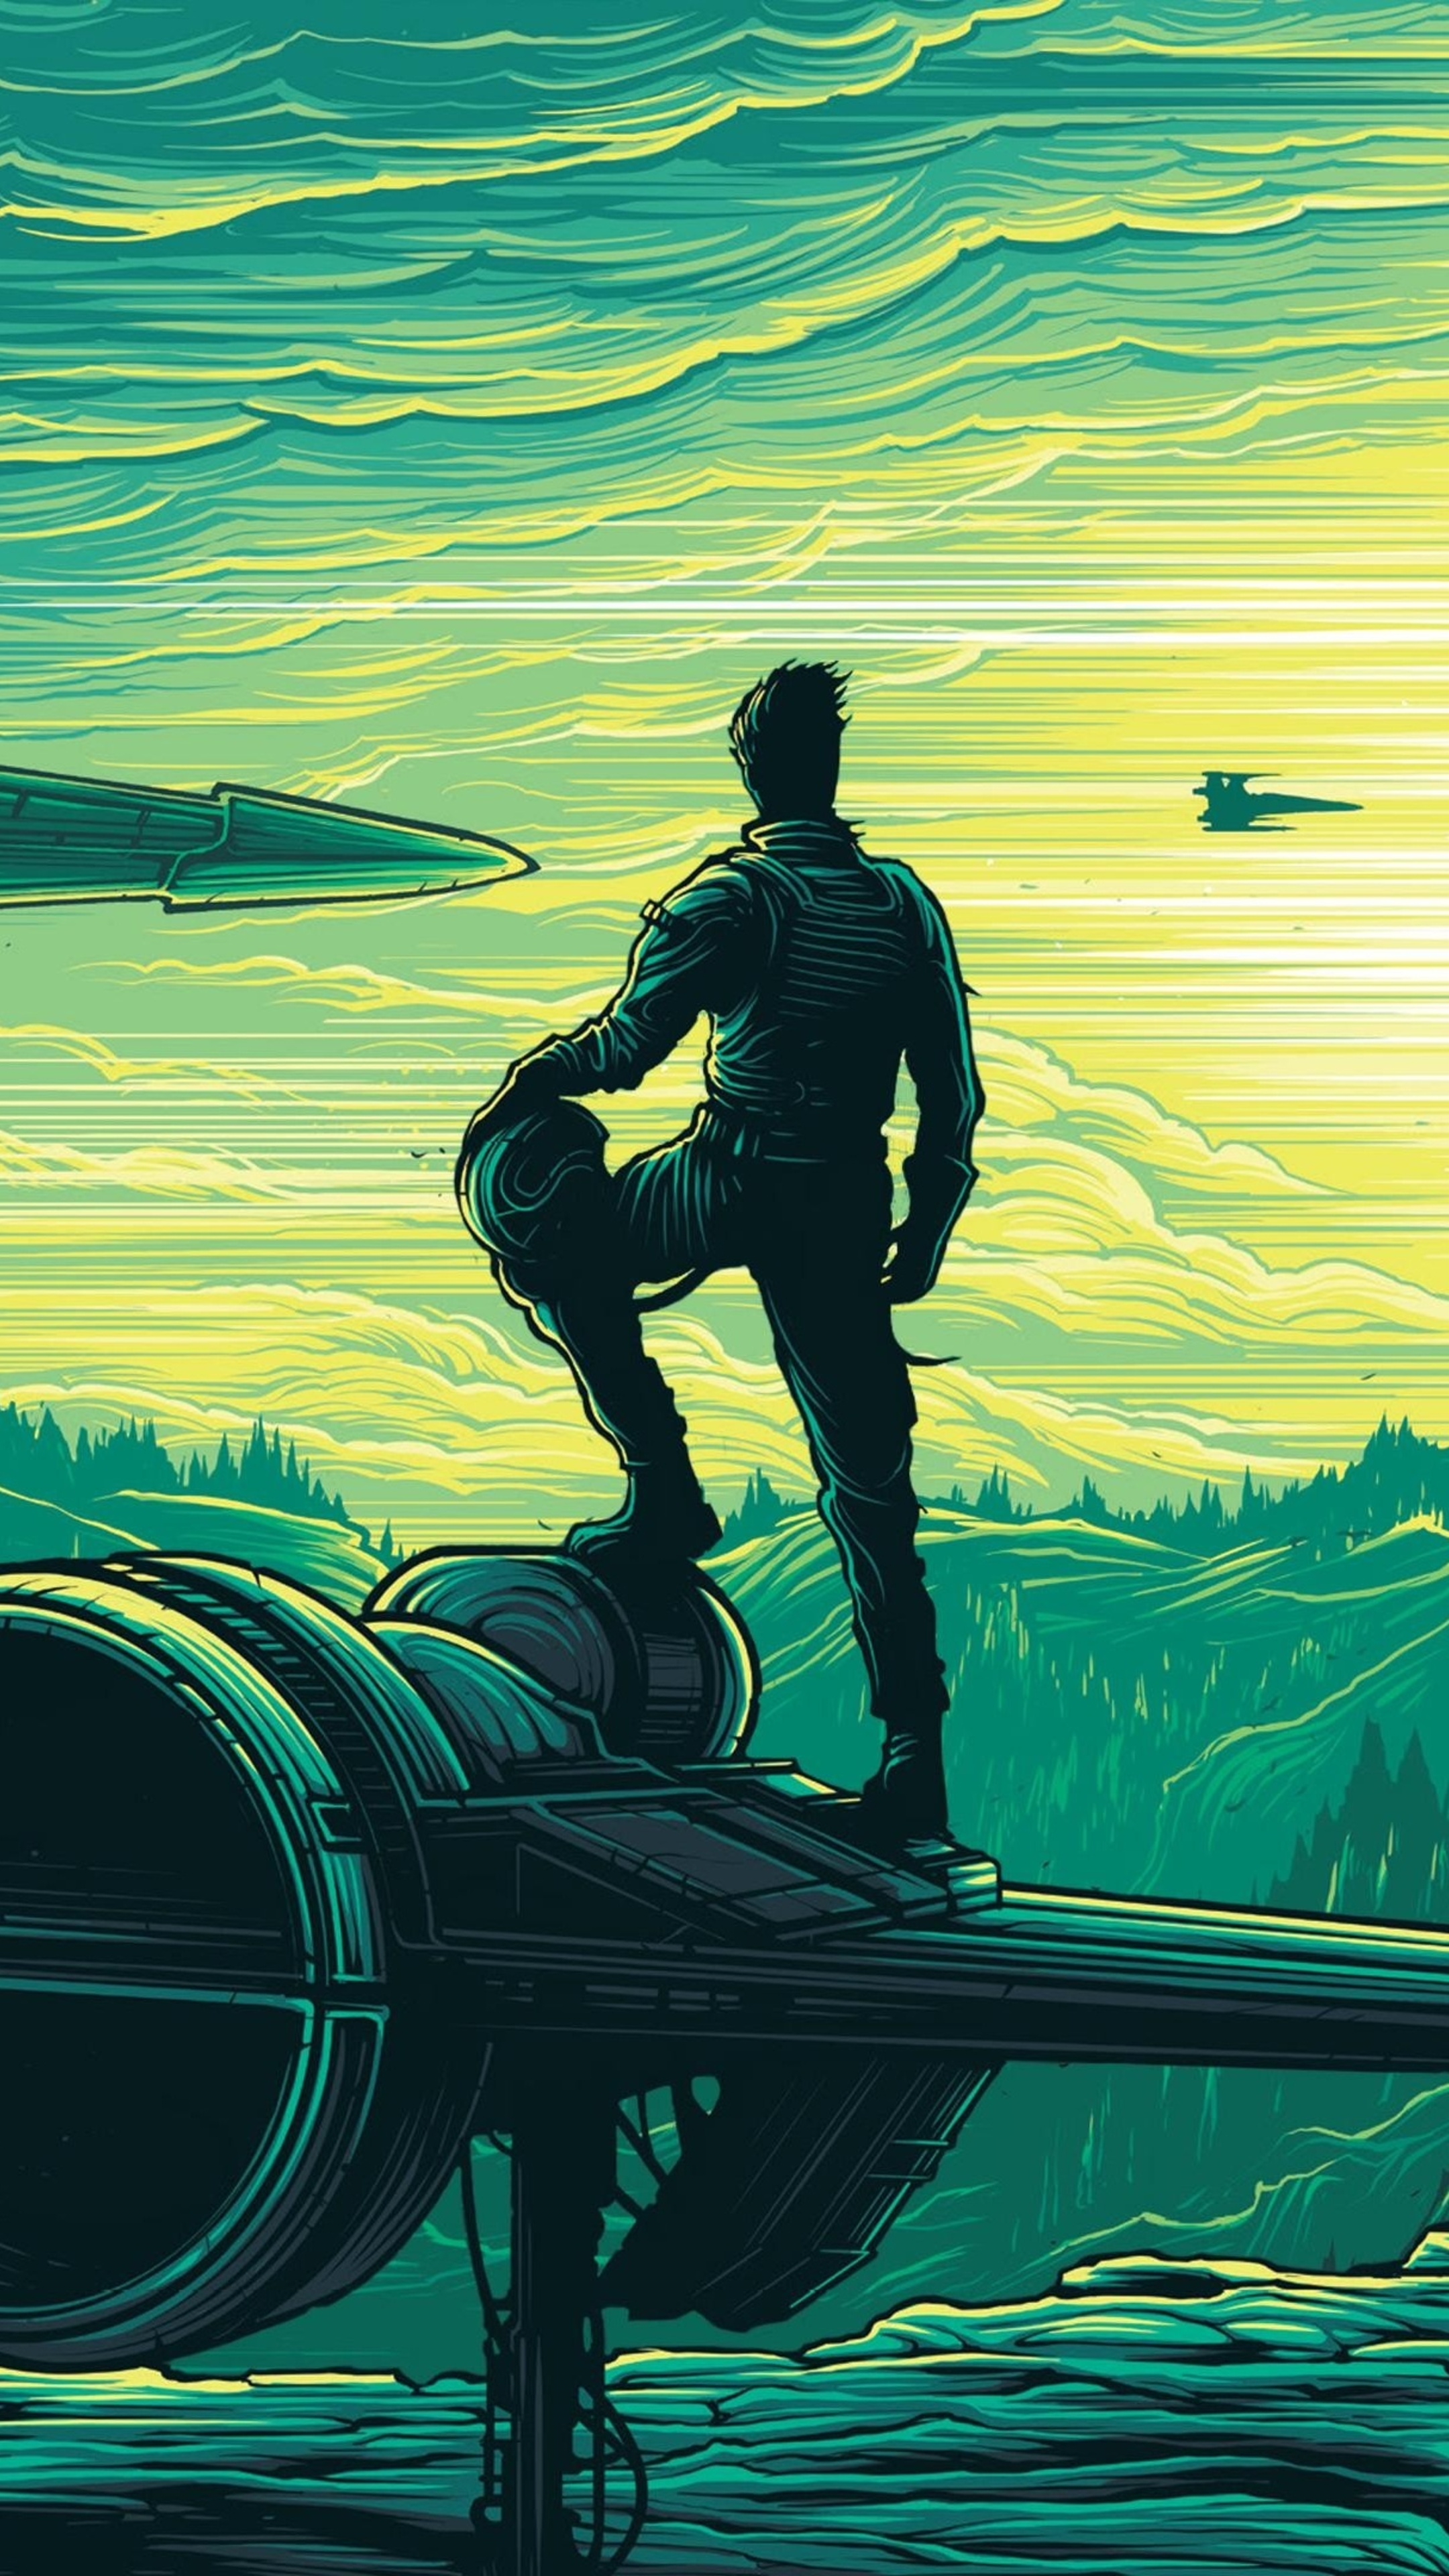 2160x3840 dan mumford star wars the force awakens 4k sony - Art wallpaper 2160x3840 ...